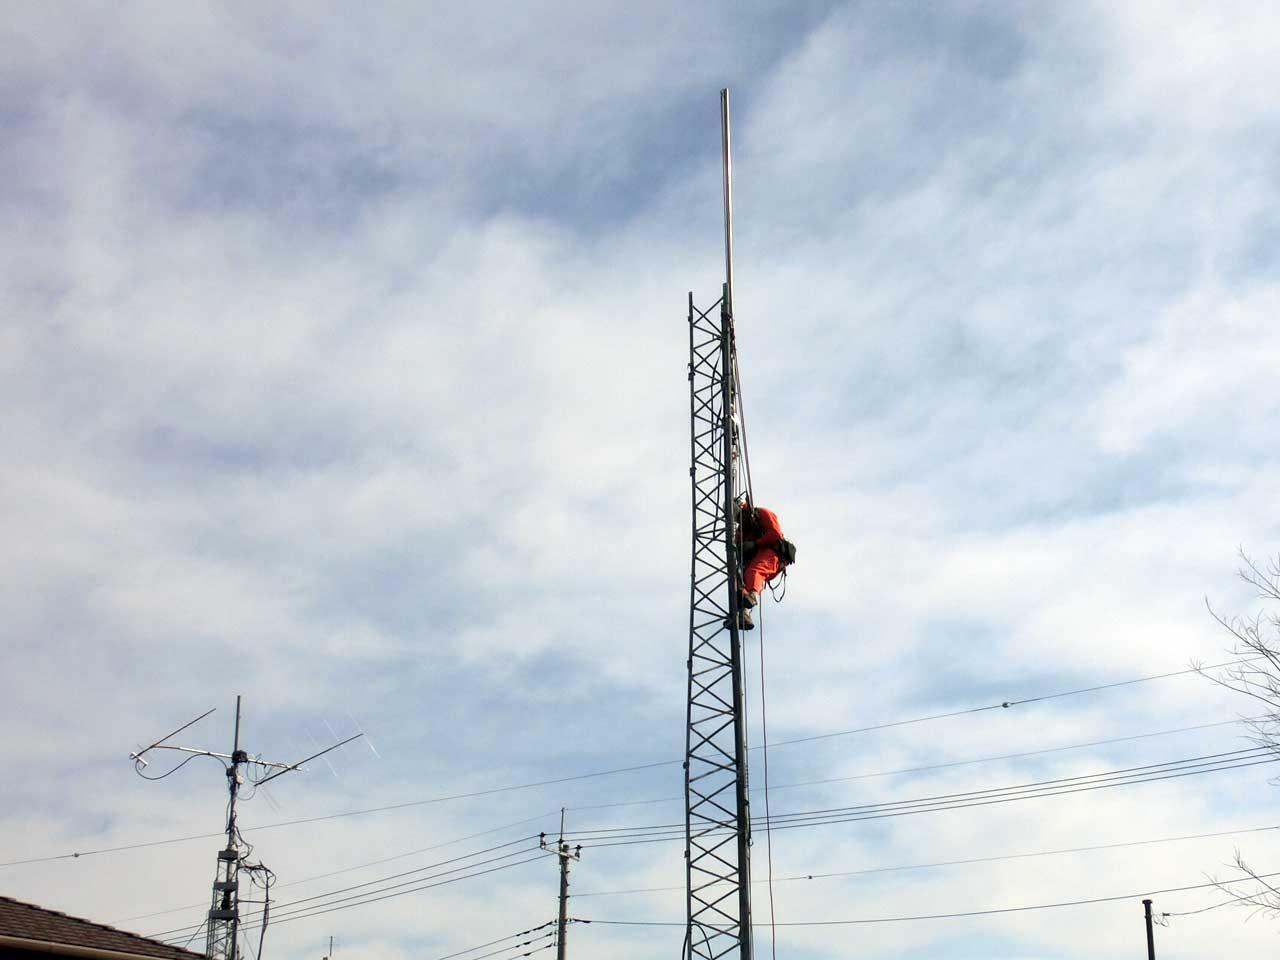 栃木県小山市でクリエートタワーの短縮工事を行いました